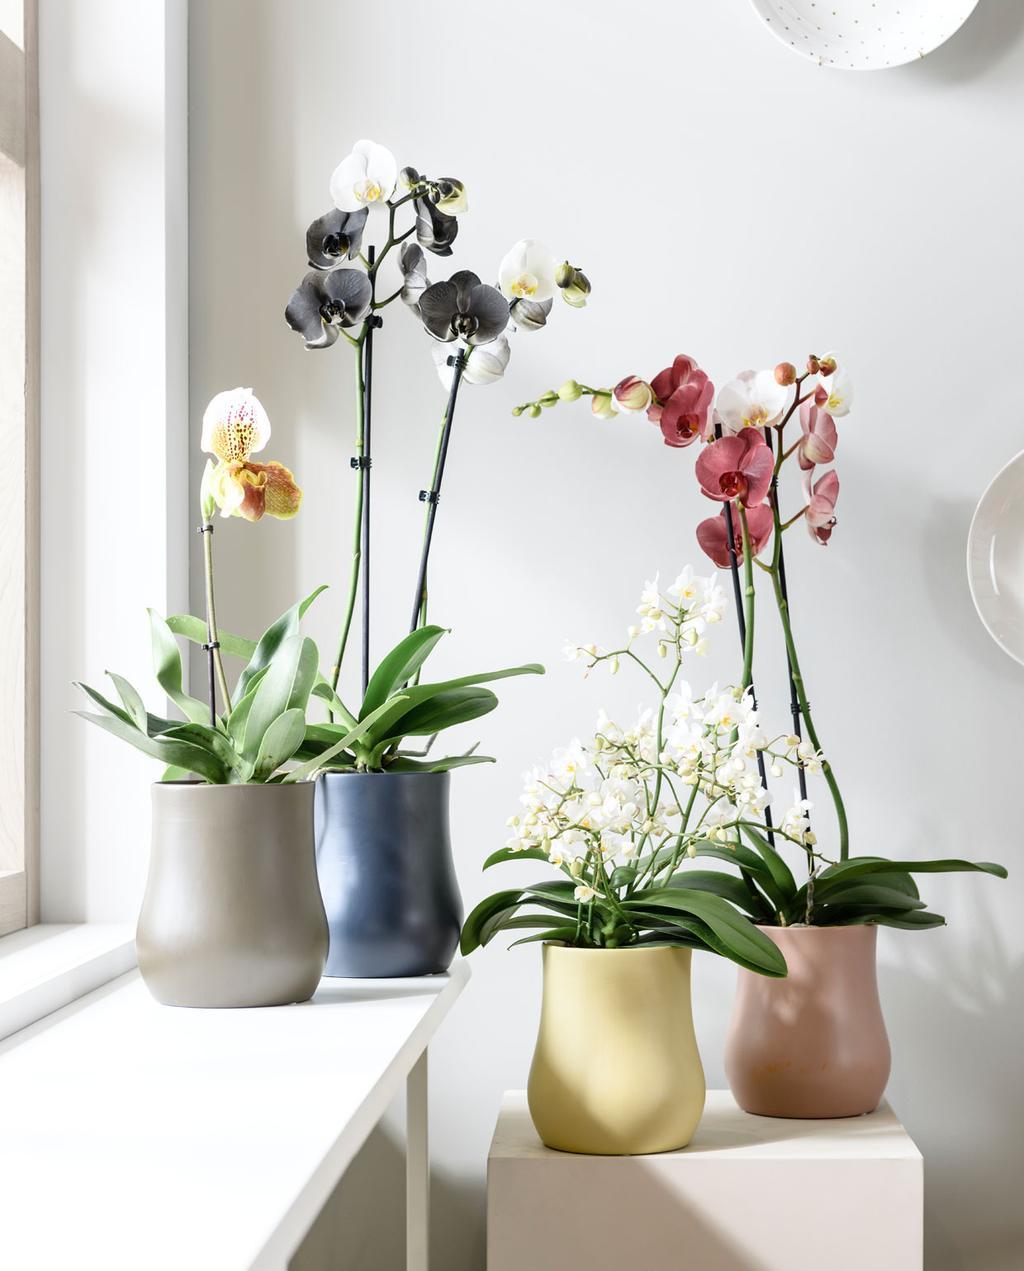 vtwonen-ahactie-orchidee